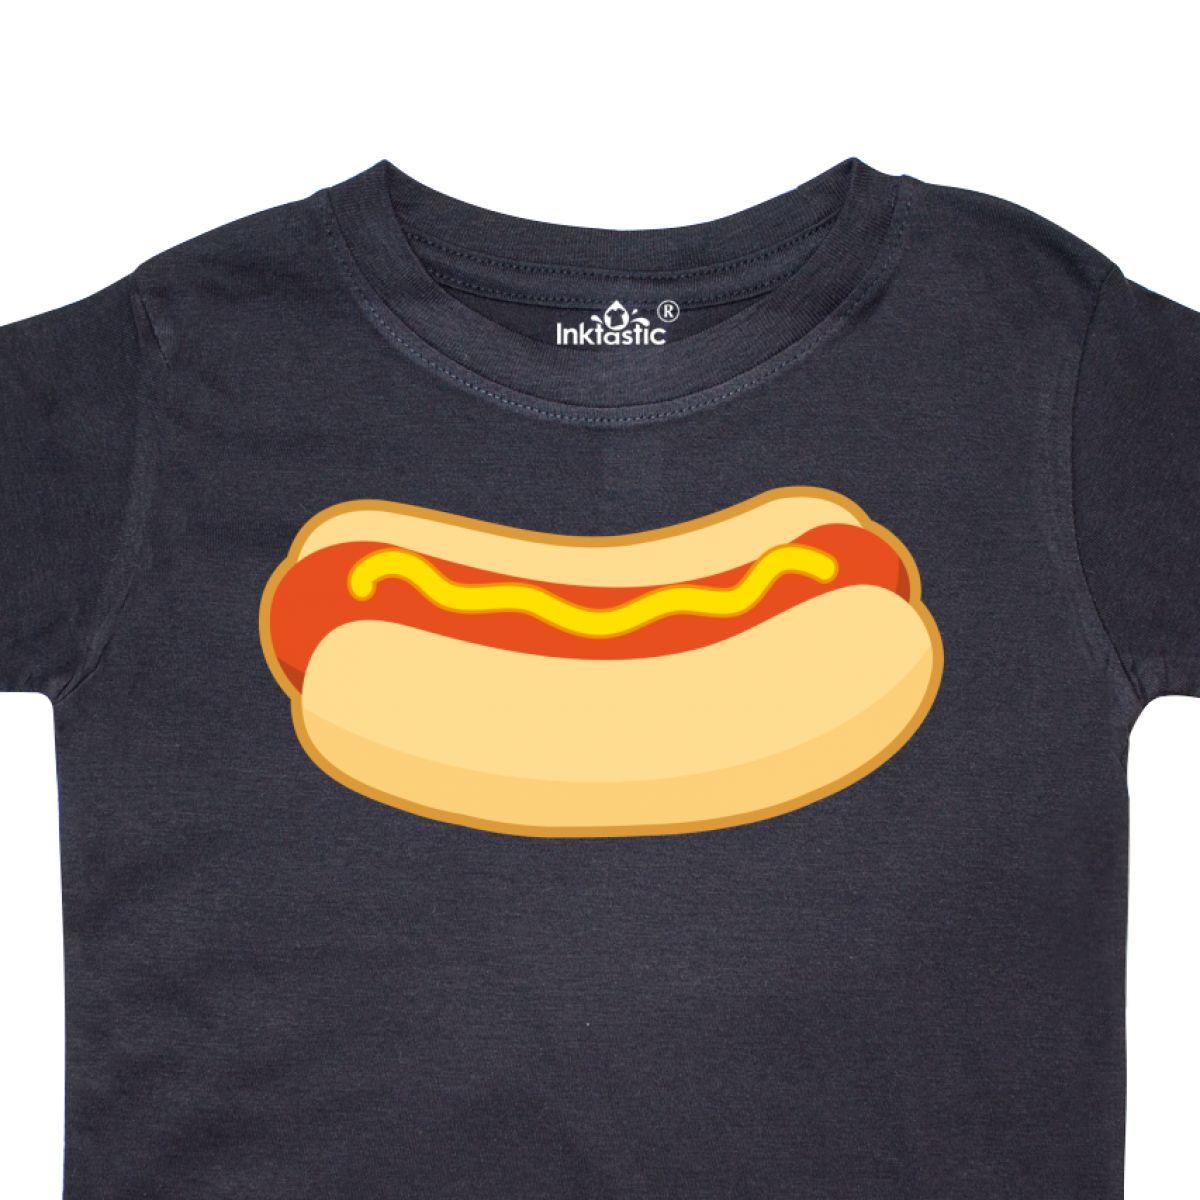 Inktastic-Funny-Hot-Dog-Toddler-T-Shirt-Food-Bbq-Picnic-Summer-Apparel-Gift-Kid thumbnail 4